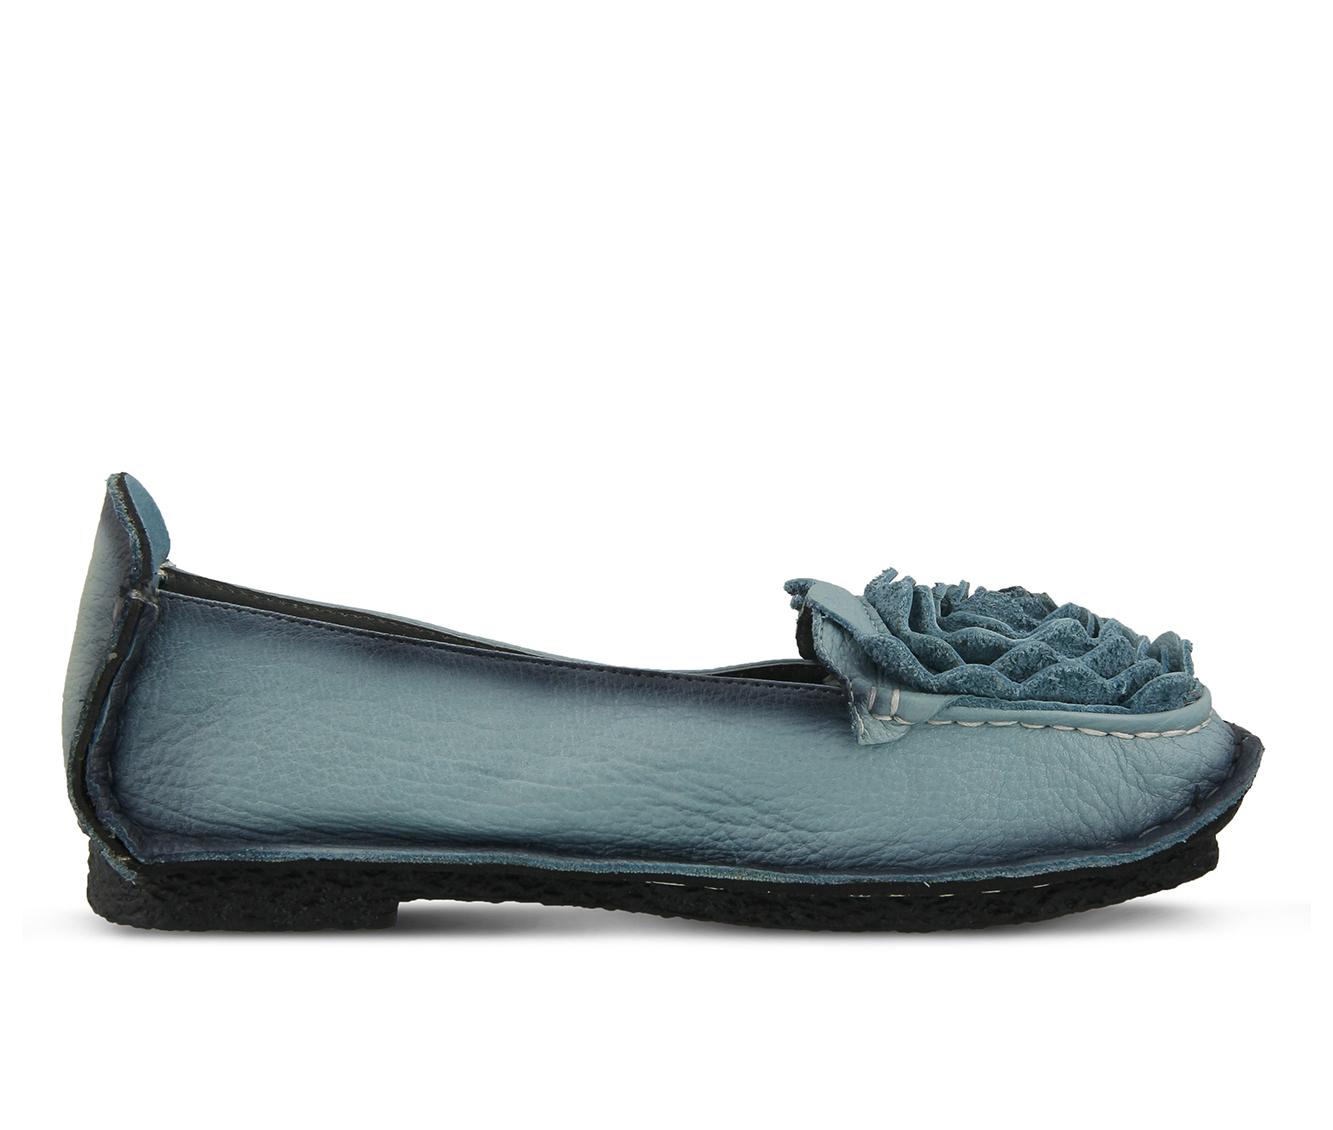 L'Artiste Dezi Women's Shoe (Blue Leather)